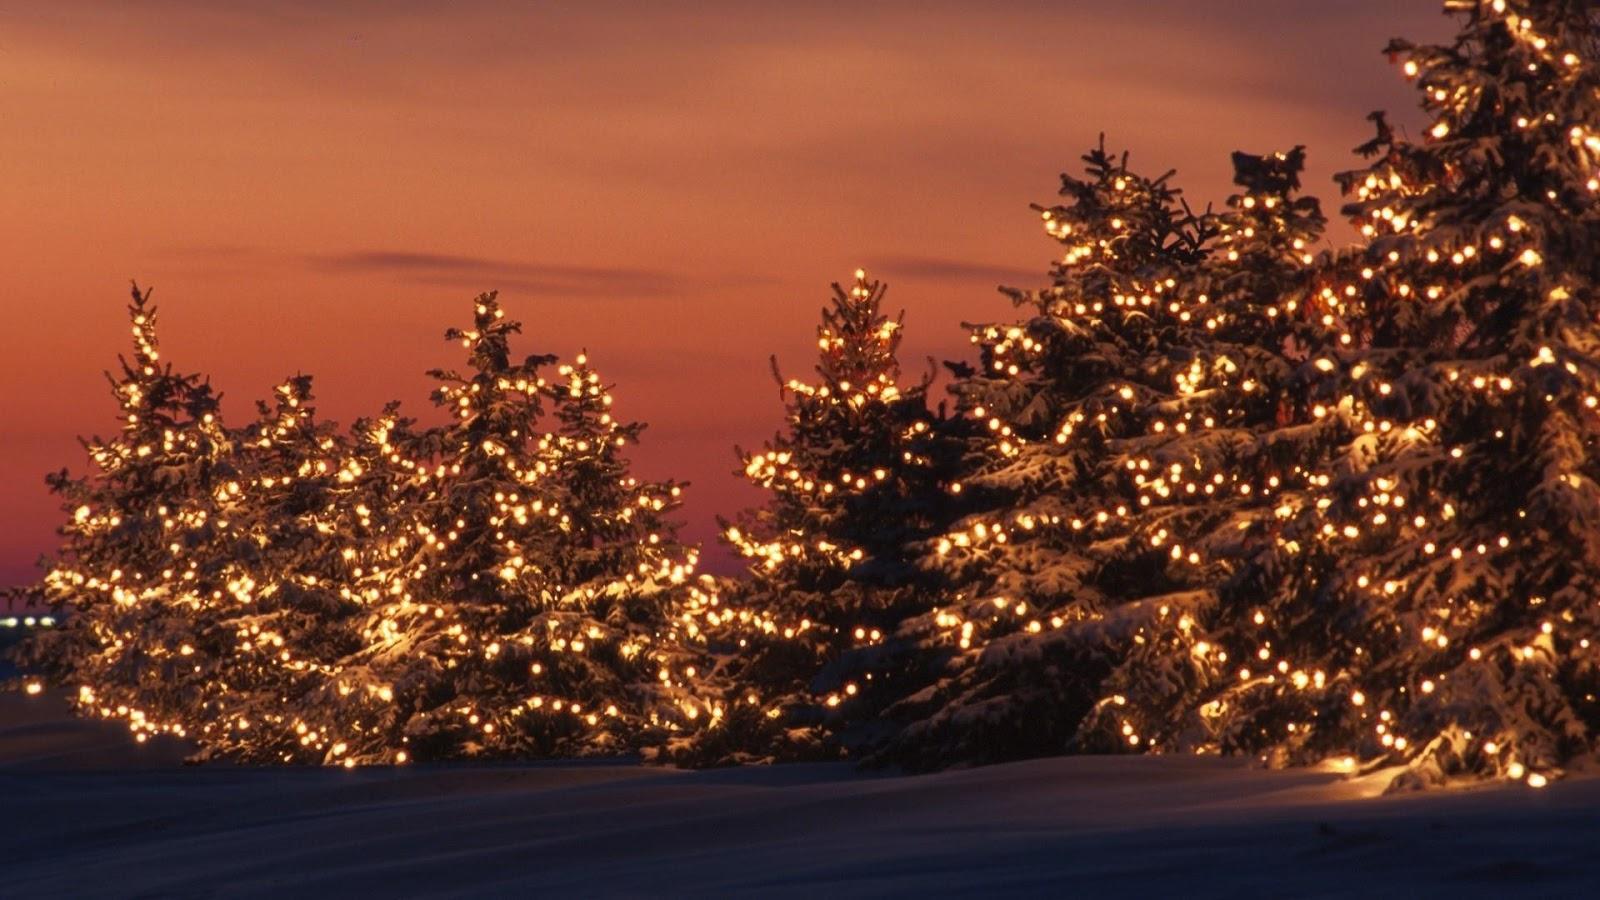 merry christmas lights hd